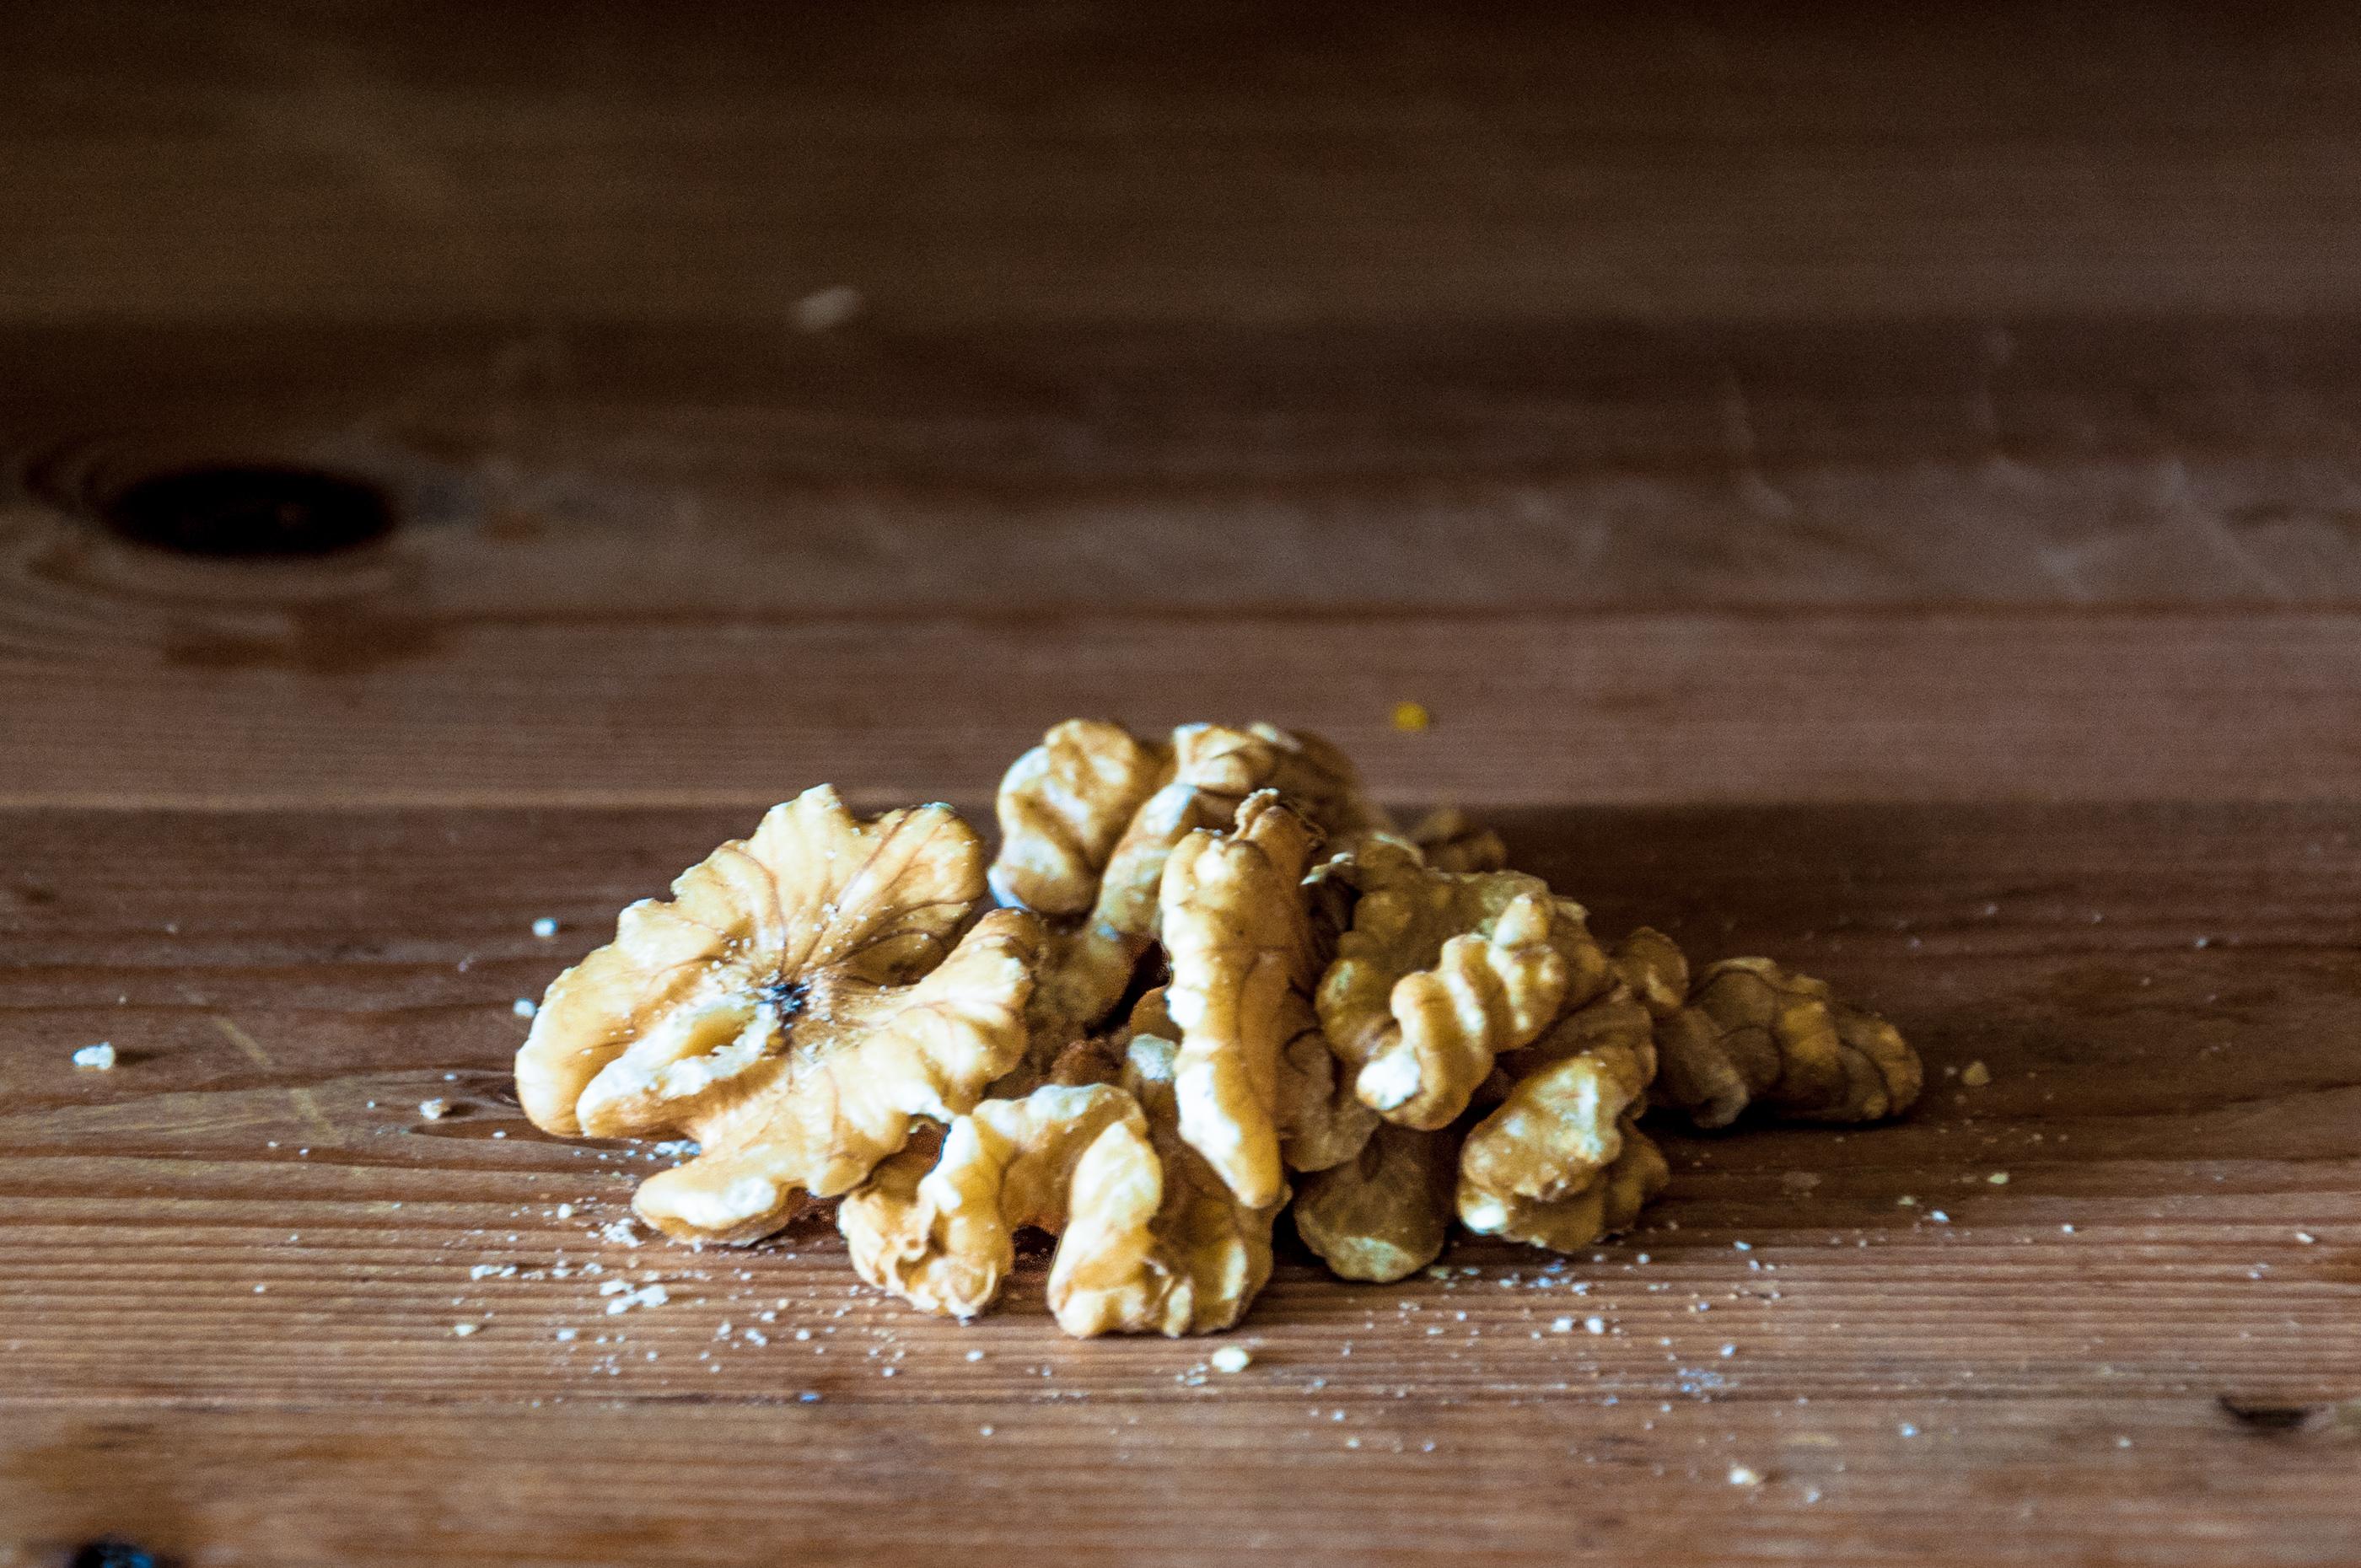 Walnuts on wooden table, Arabian, Season, Old, Open, HQ Photo